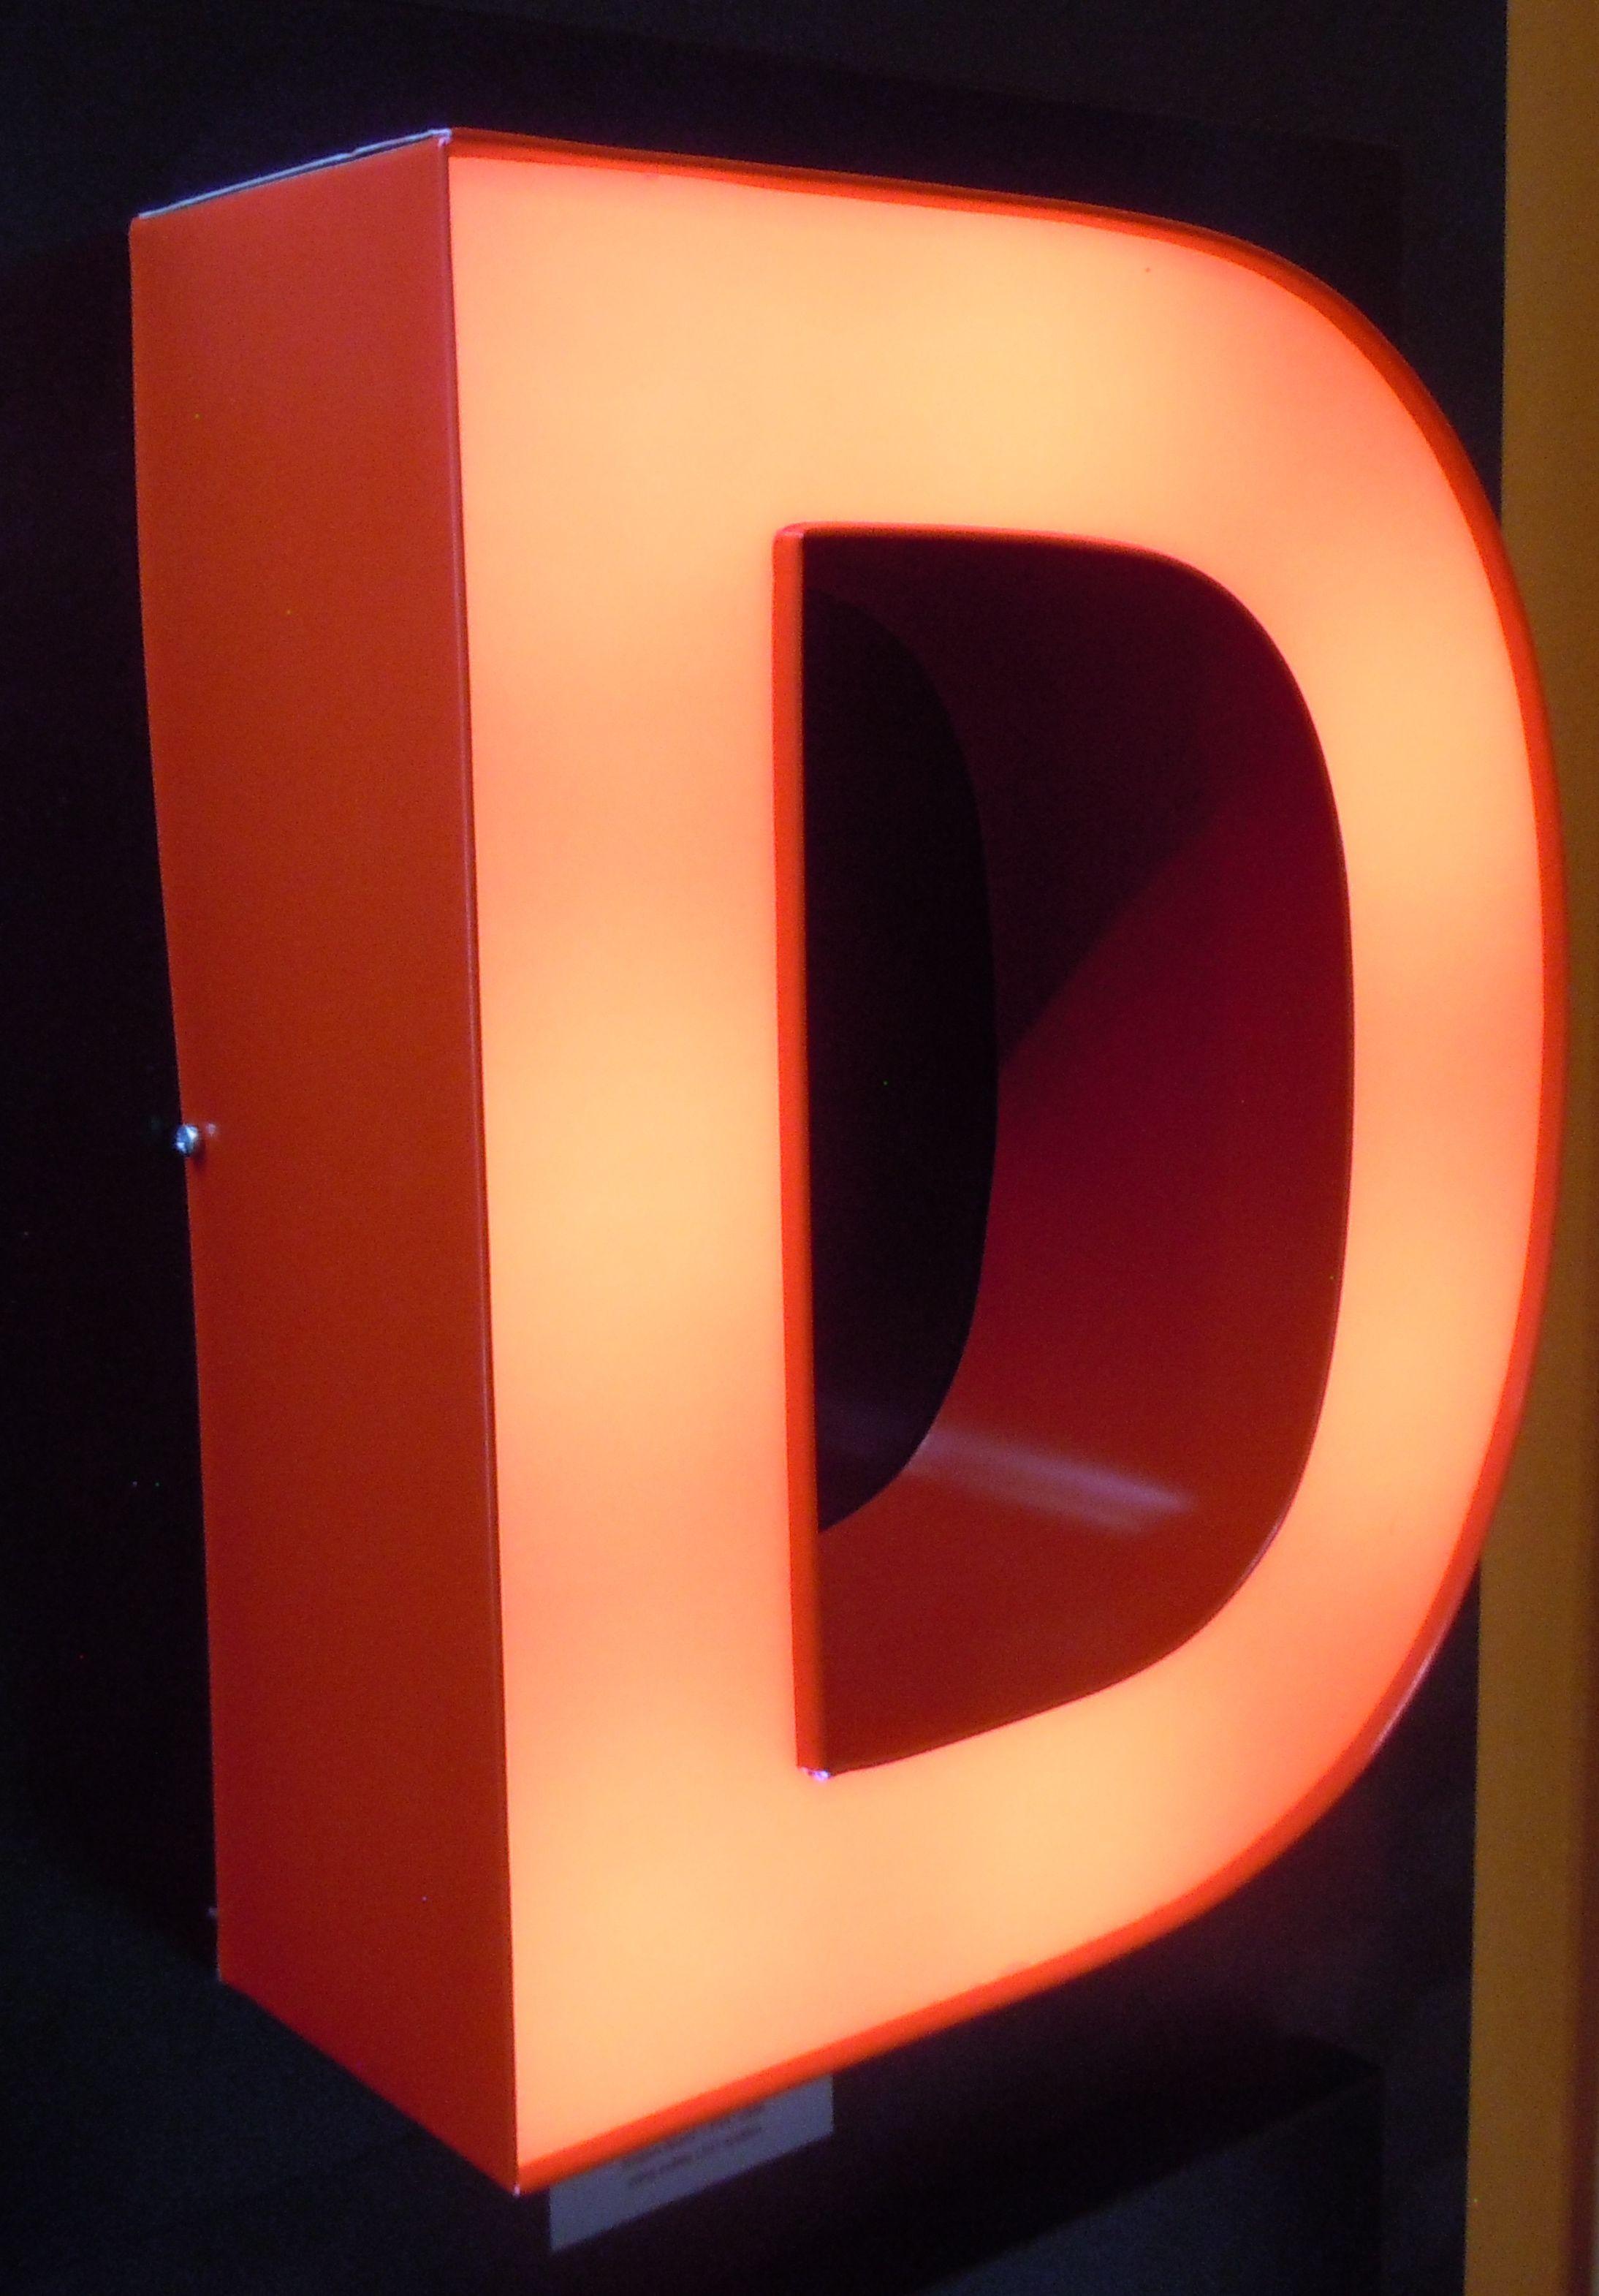 #Reliefbuchstabe #Buchstaben Aus Aluminum geschweisst in jeder gewünschten RAL-Farbe Profil 4